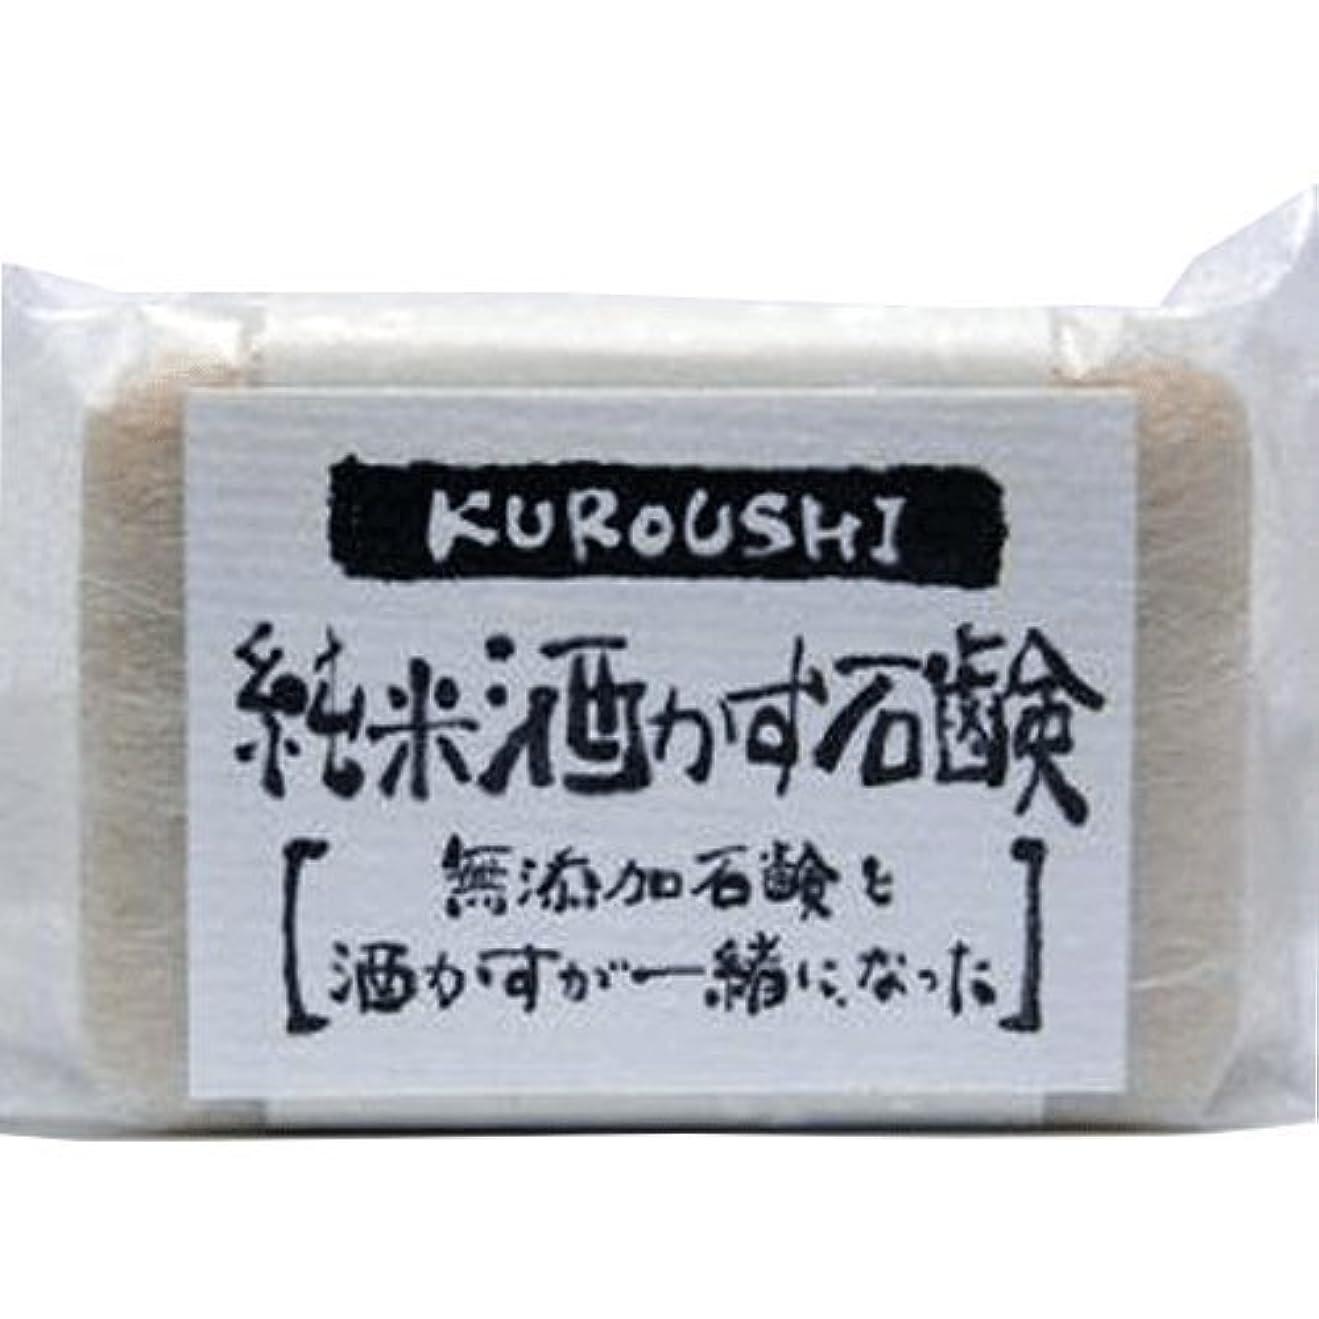 快適予定入植者KUROUSHI 純米酒かす 無添加石鹸(せっけん) 120g 6個セット